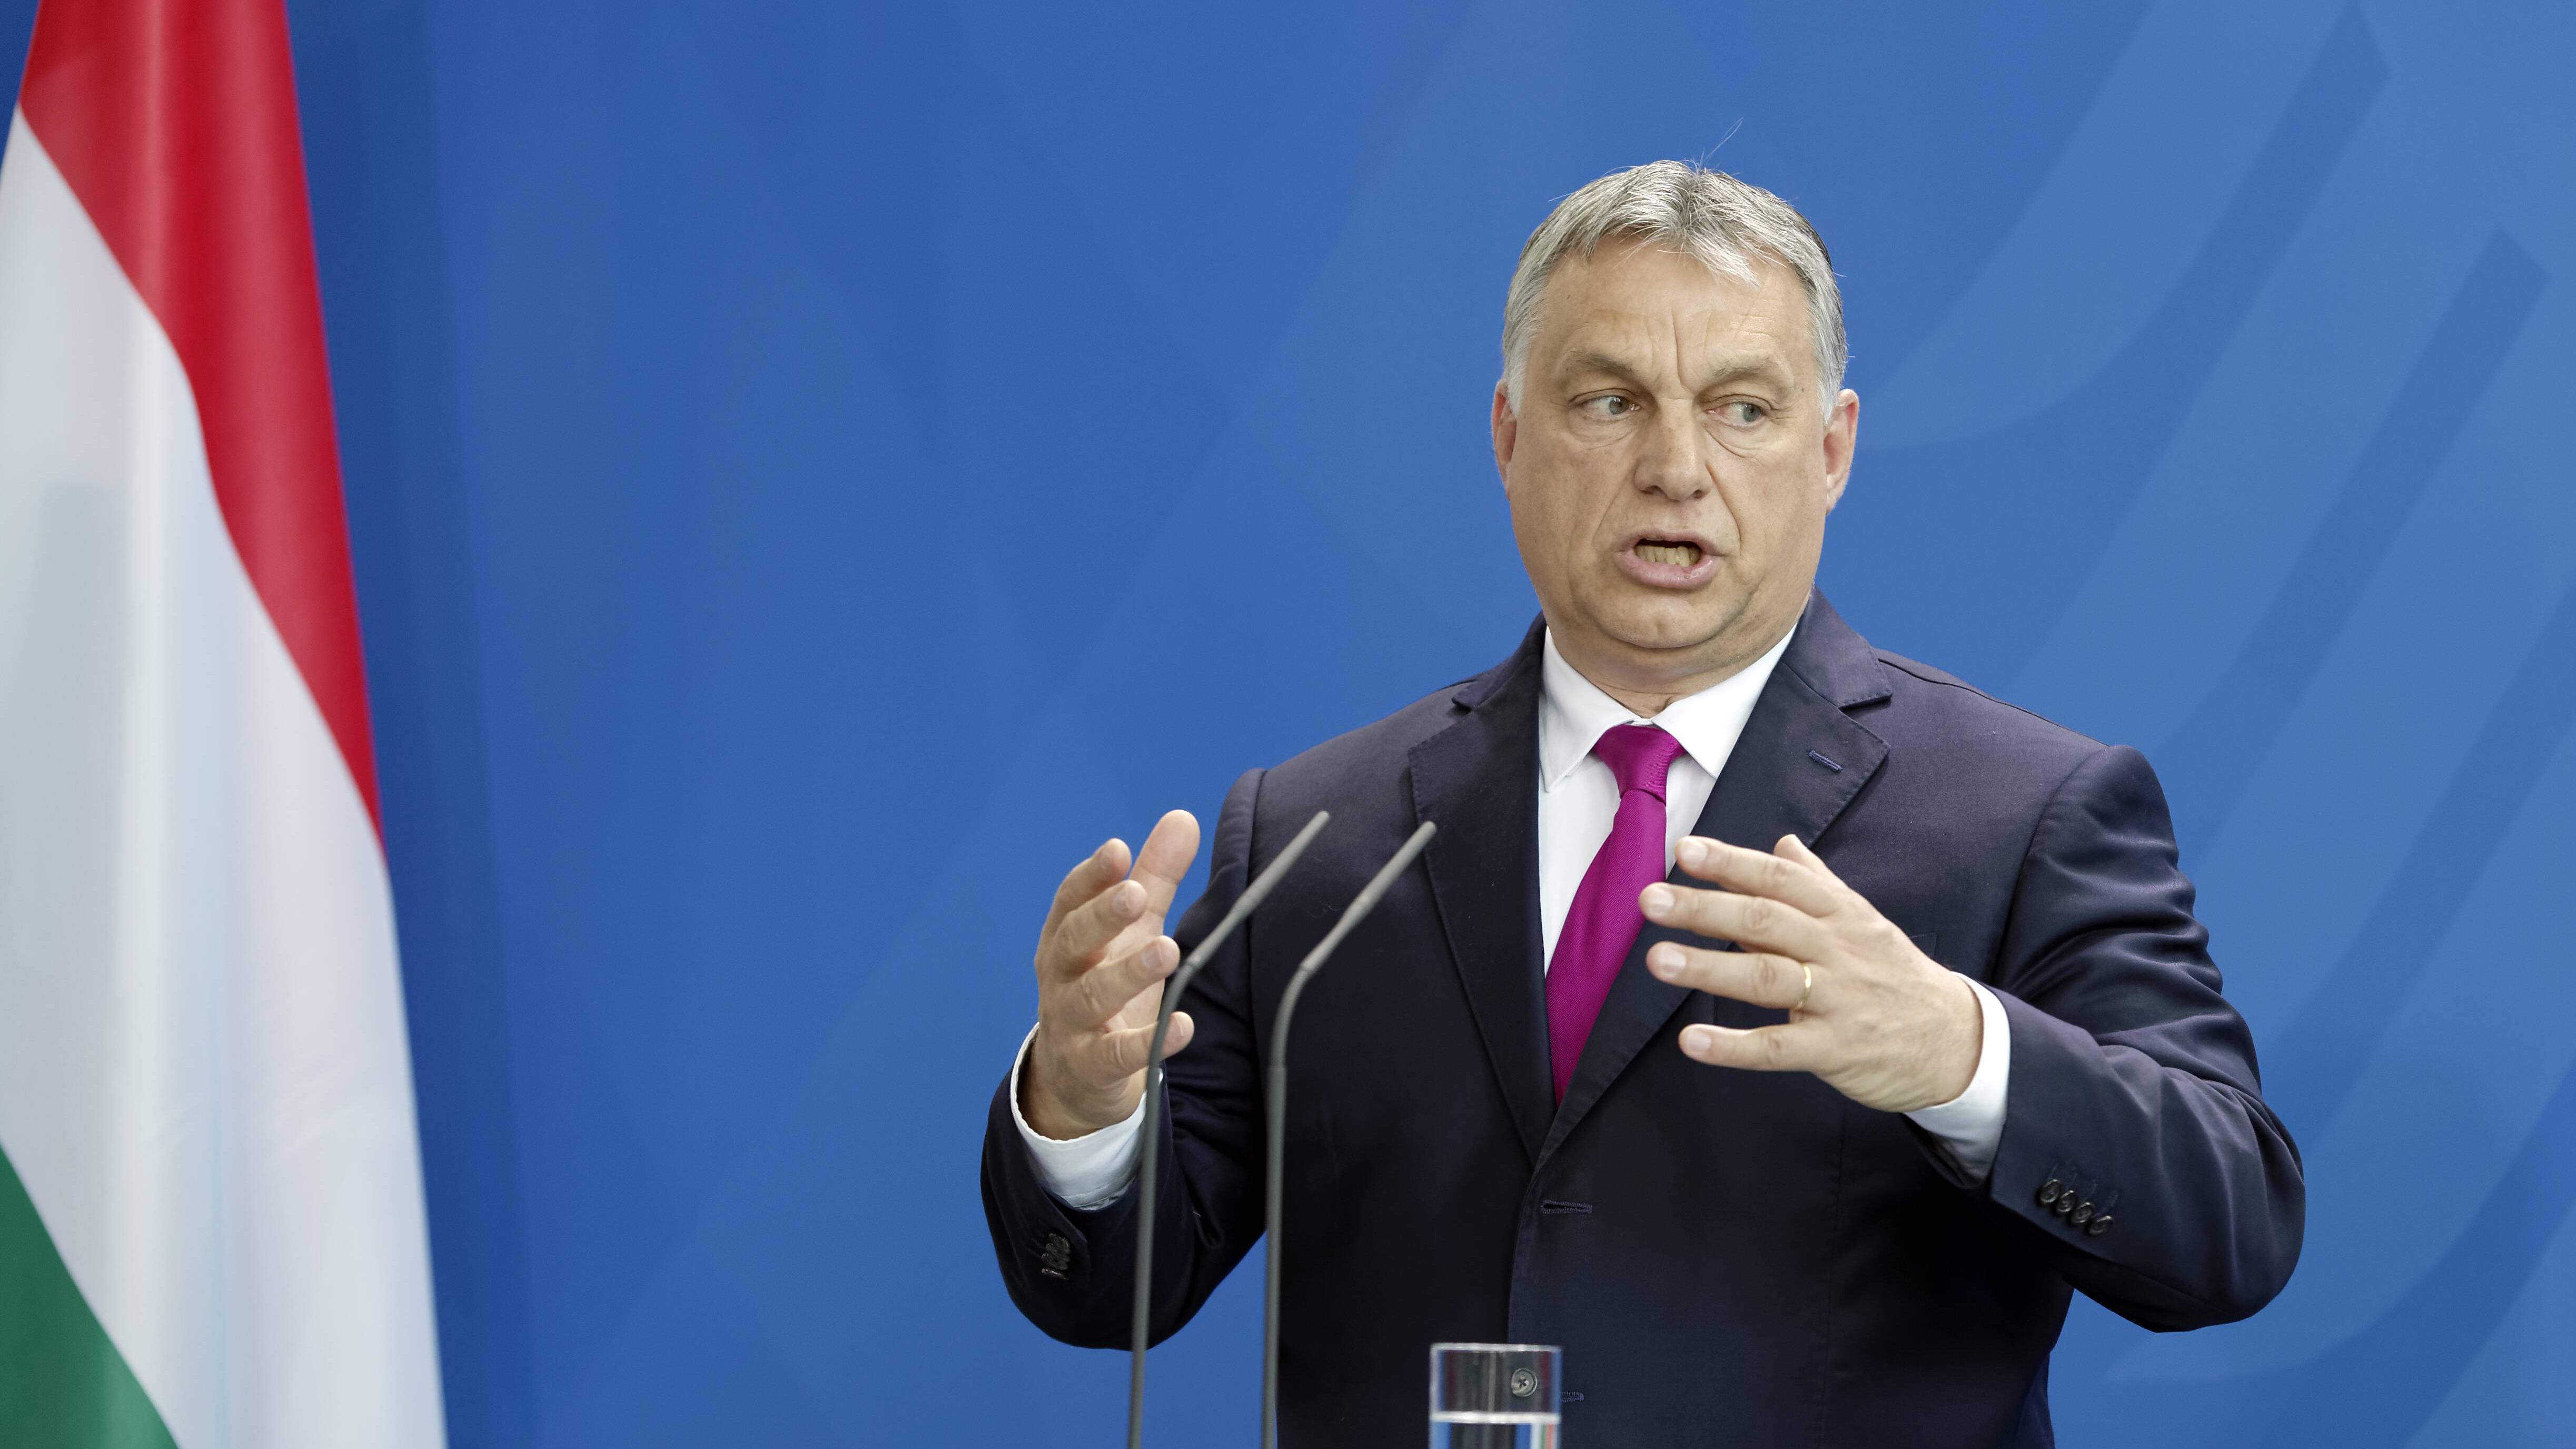 2018: Ungarns Ministerpräsident Viktor Orban spricht im Kanzleramt in Berlin